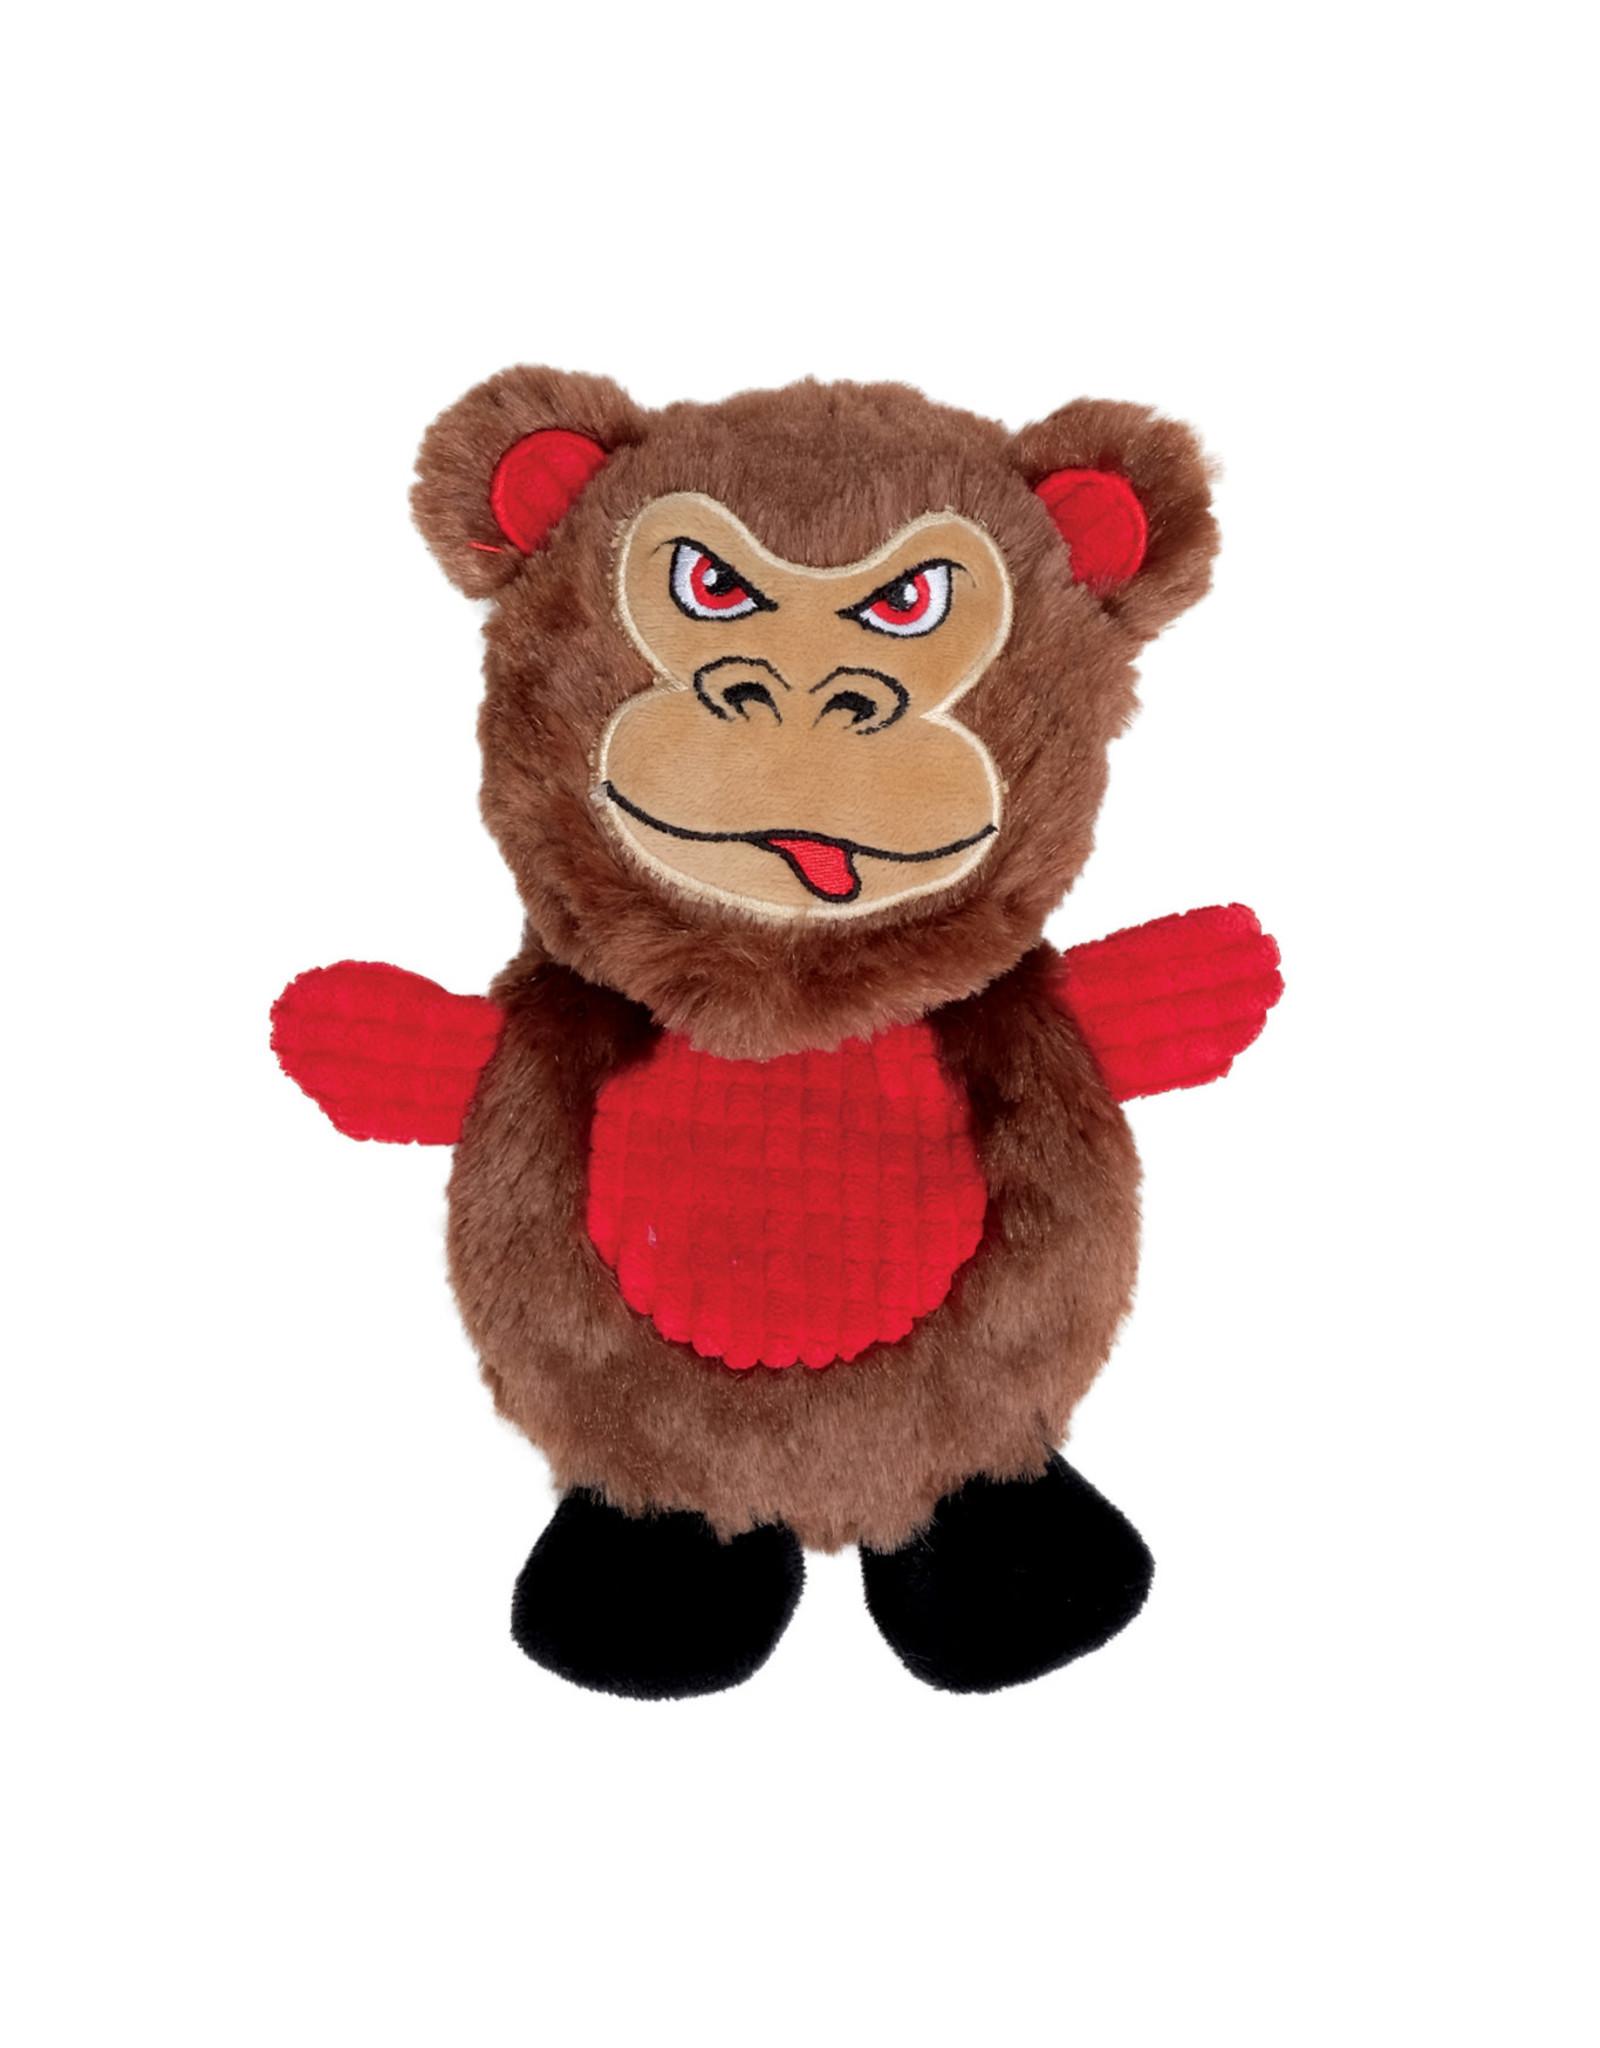 DogIt Dogit Stuffies – Flat Friend - Monkey - 19 cm (7.5 in)